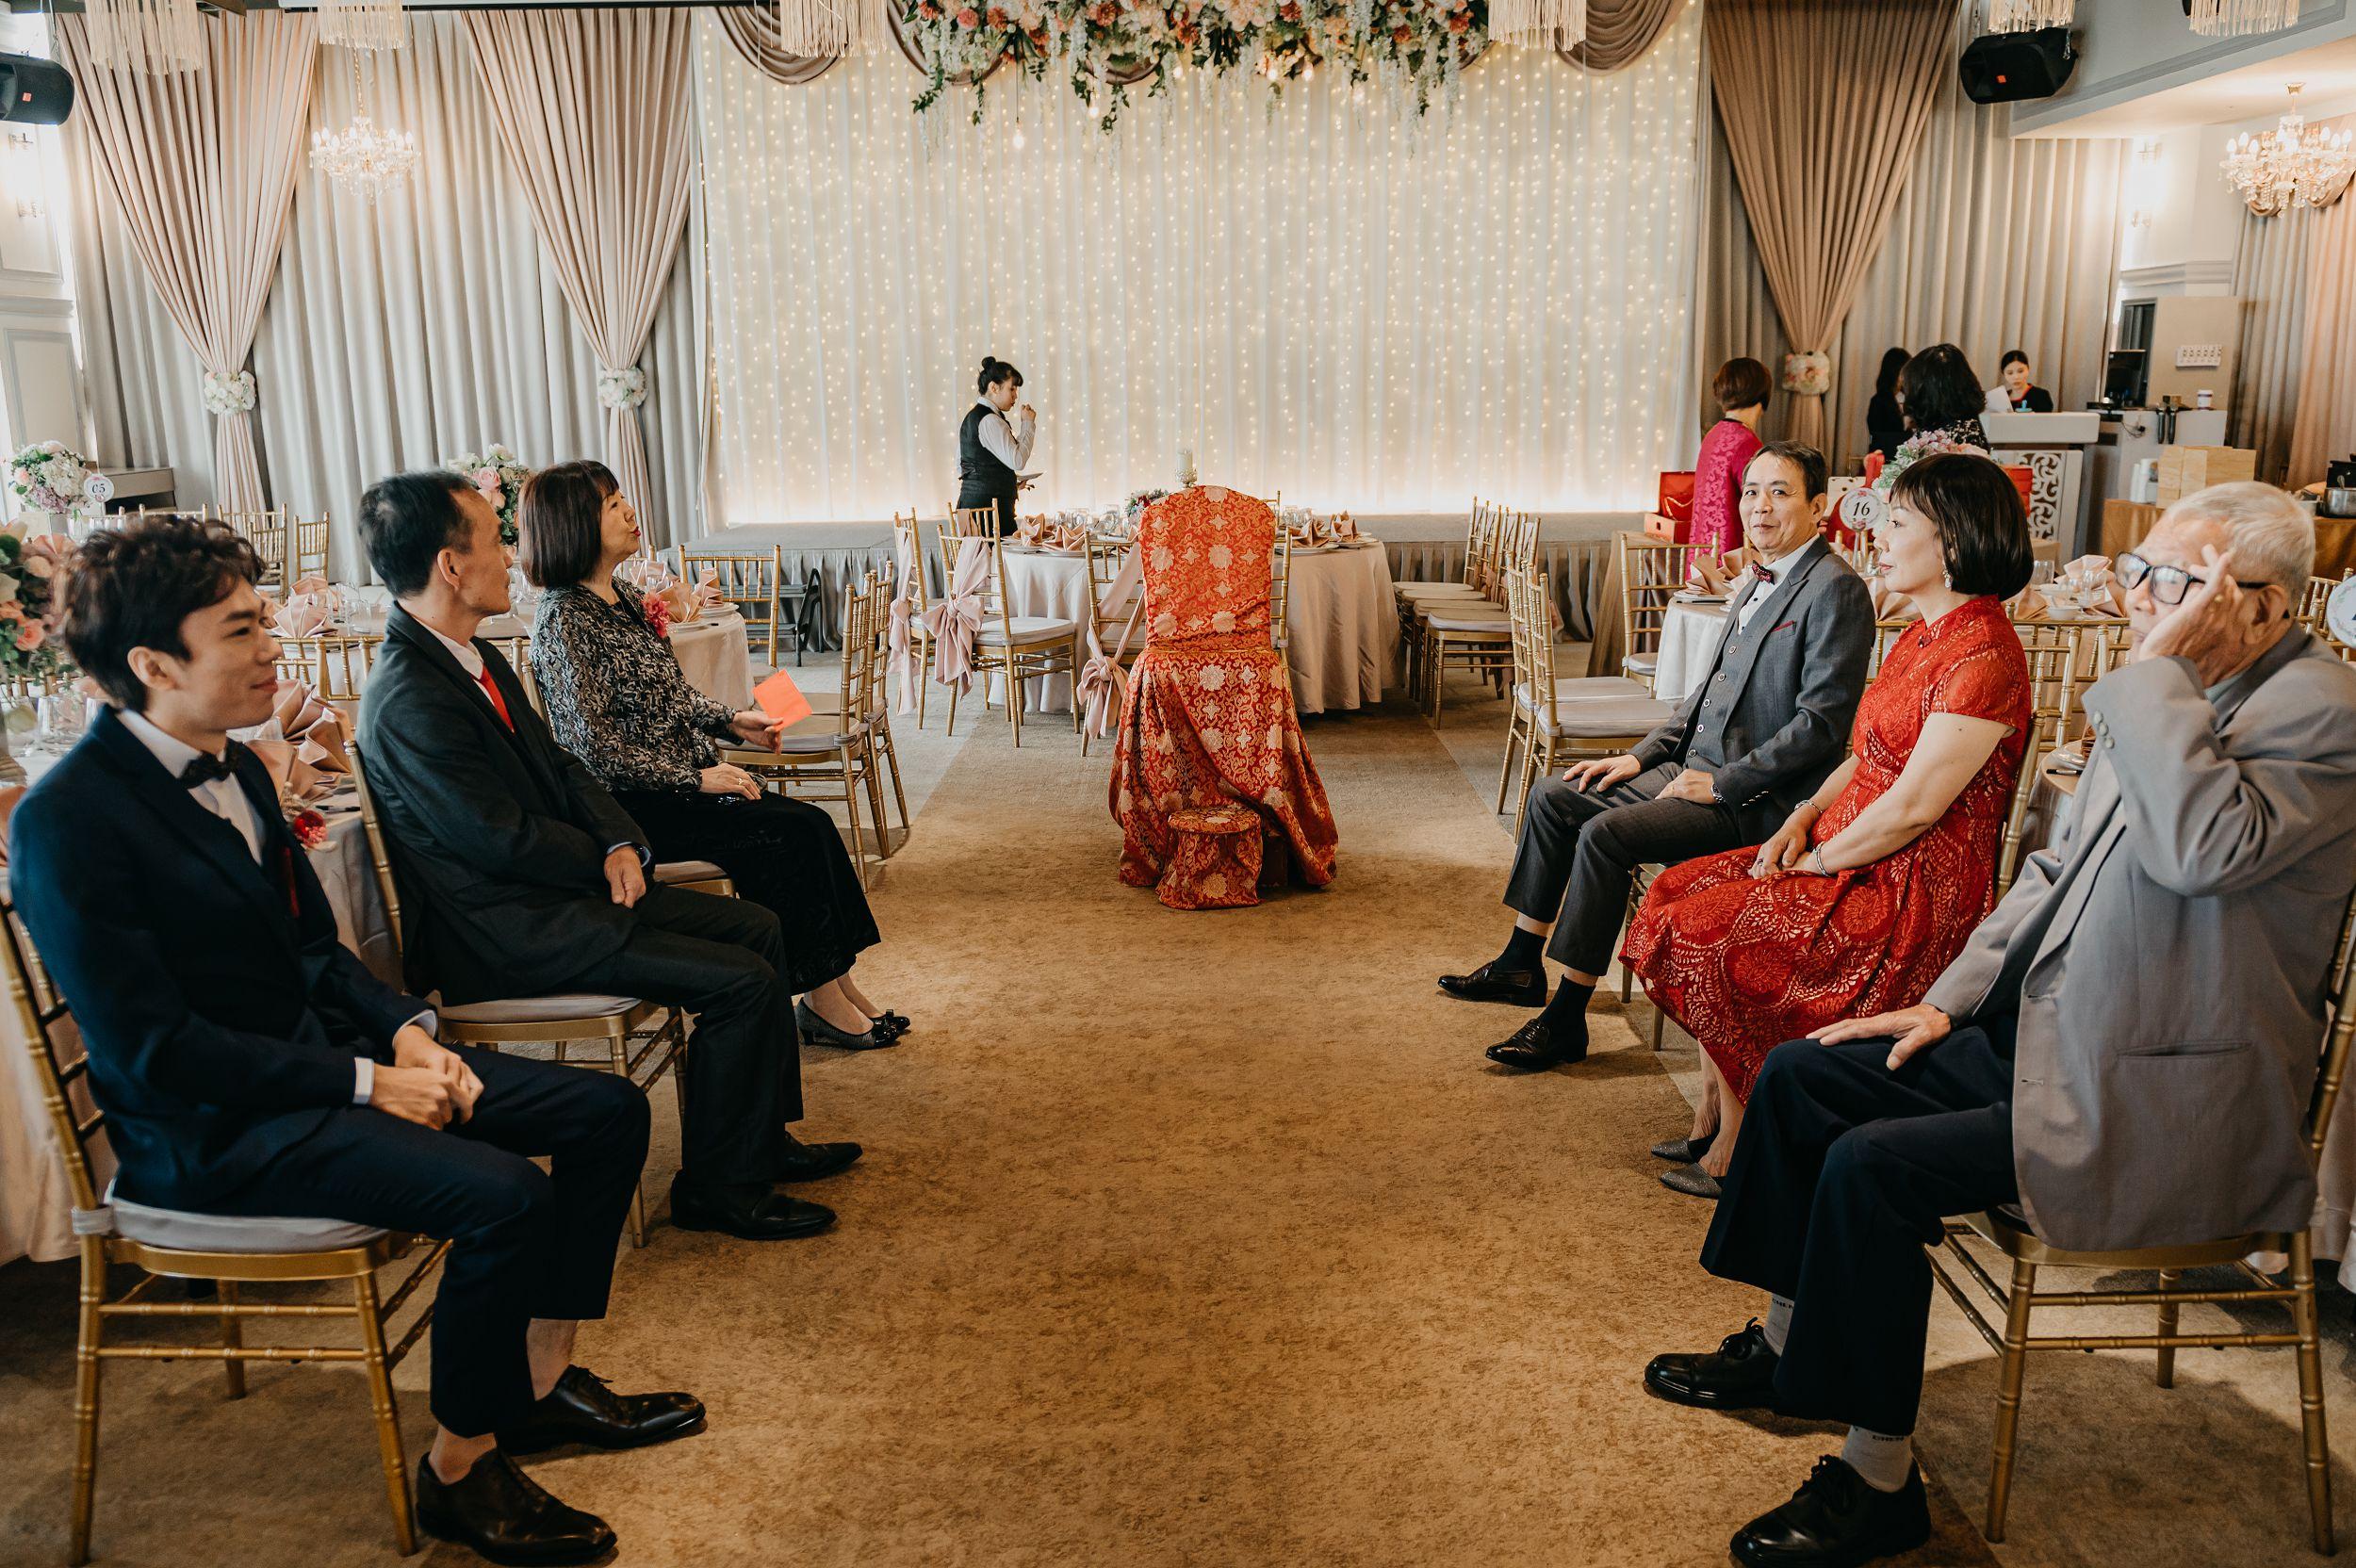 婚禮紀錄,婚禮攝影,婚攝,雙機攝影,儀式,宴客,闖關,民權晶宴會館,民權16,香榭玫瑰園,類婚紗,新秘,造型師,新娘物語推薦,風雲20,晶宴會館,雙人徐造型,